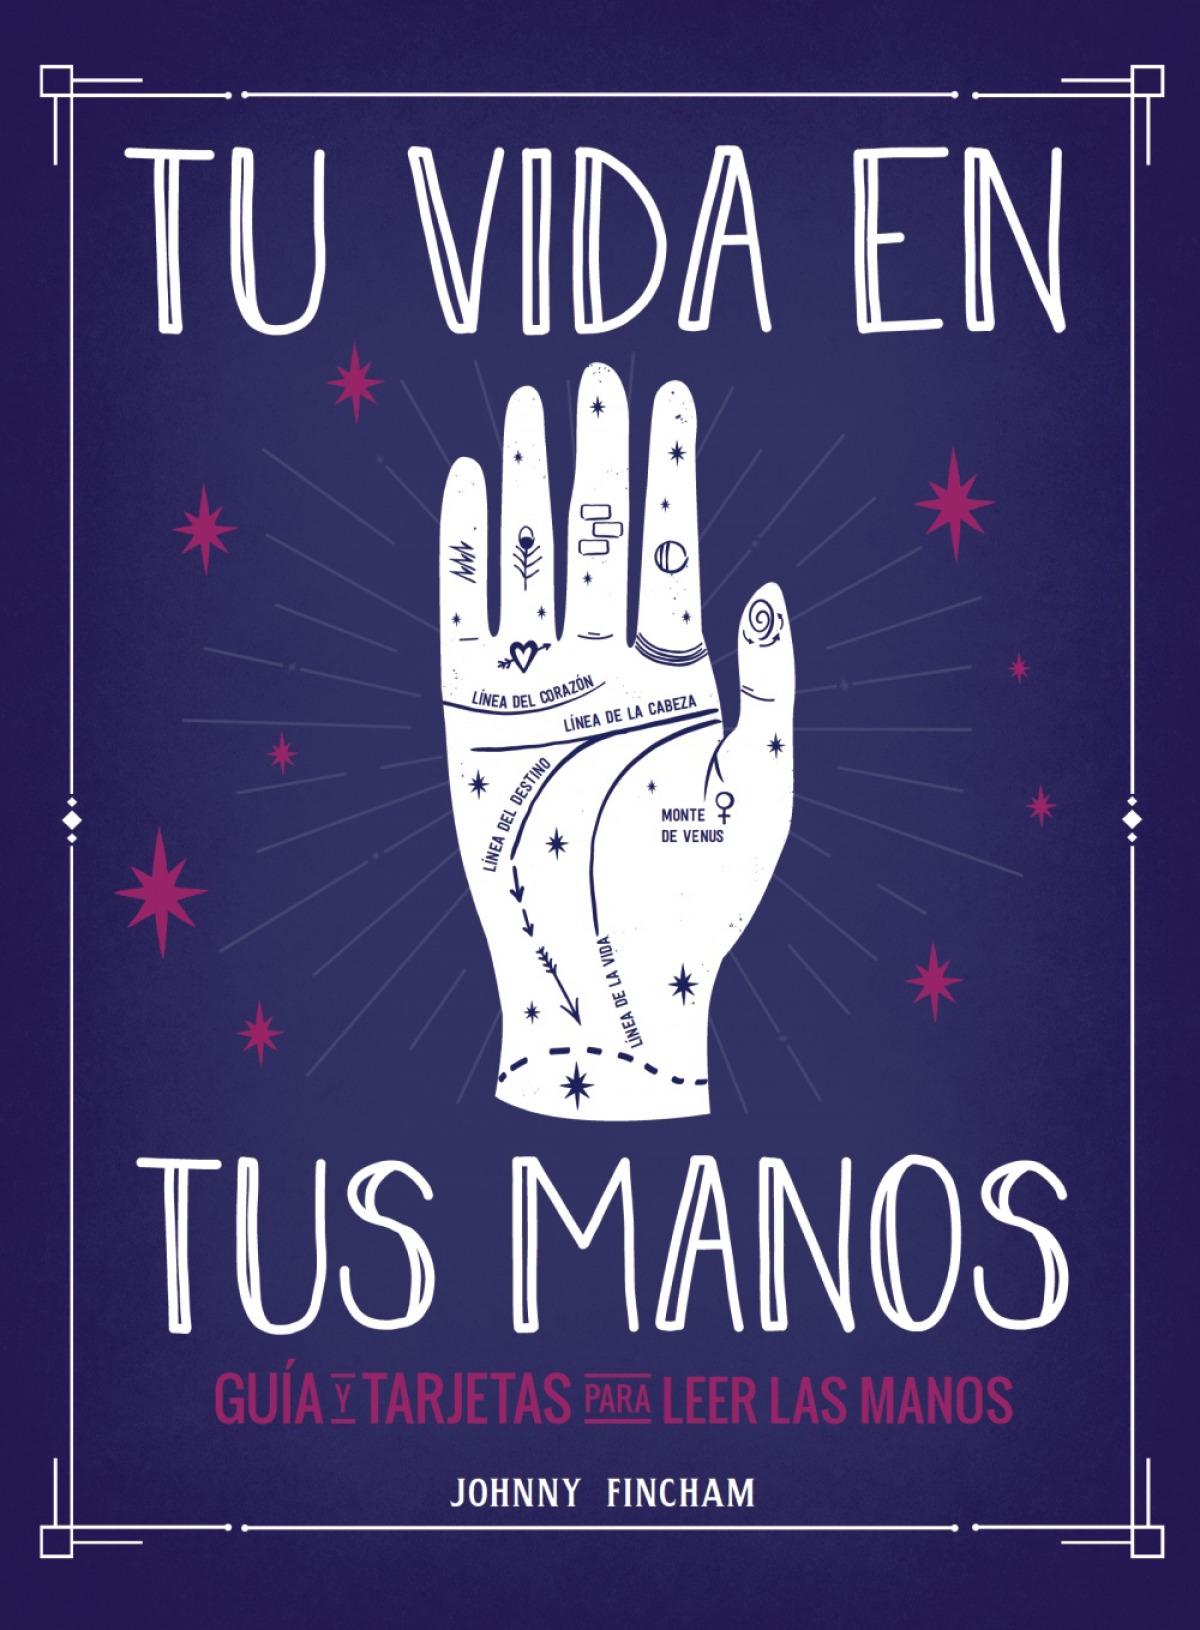 Tu vida en tus manos. Guía y tarjetas para leer las manos